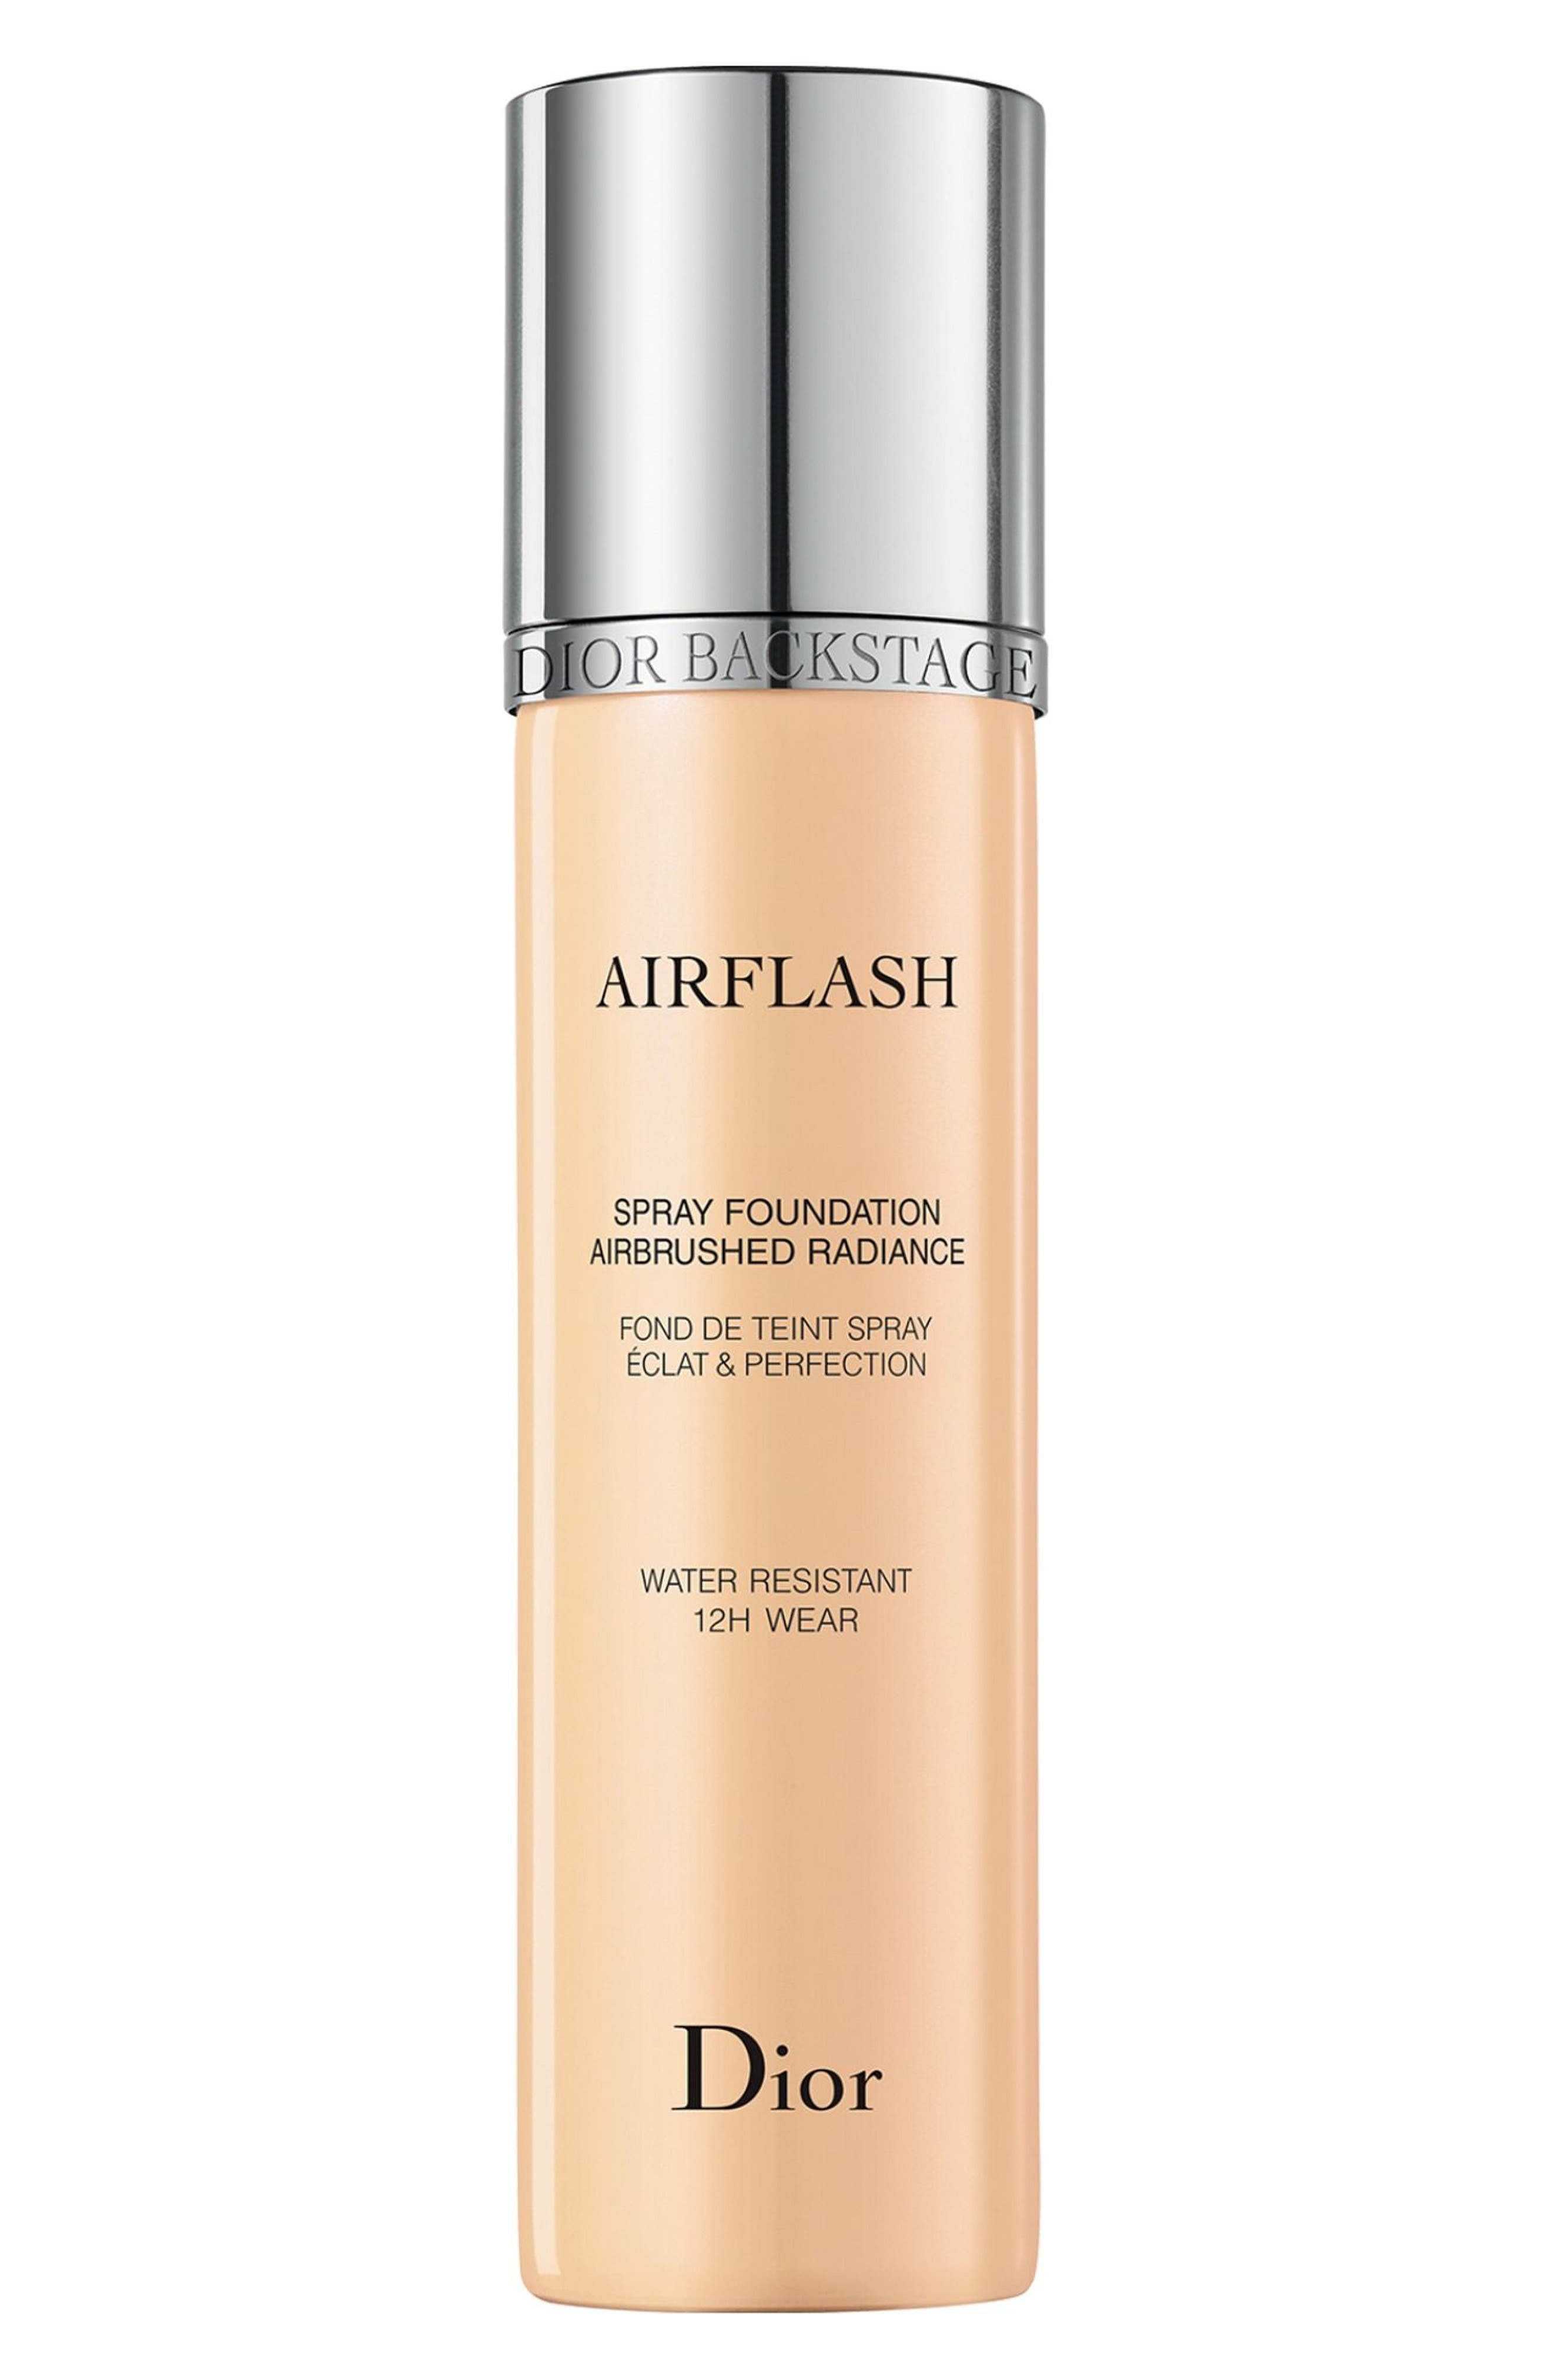 Dior Diorskin Airflash Spray Foundation - 100 Ivory